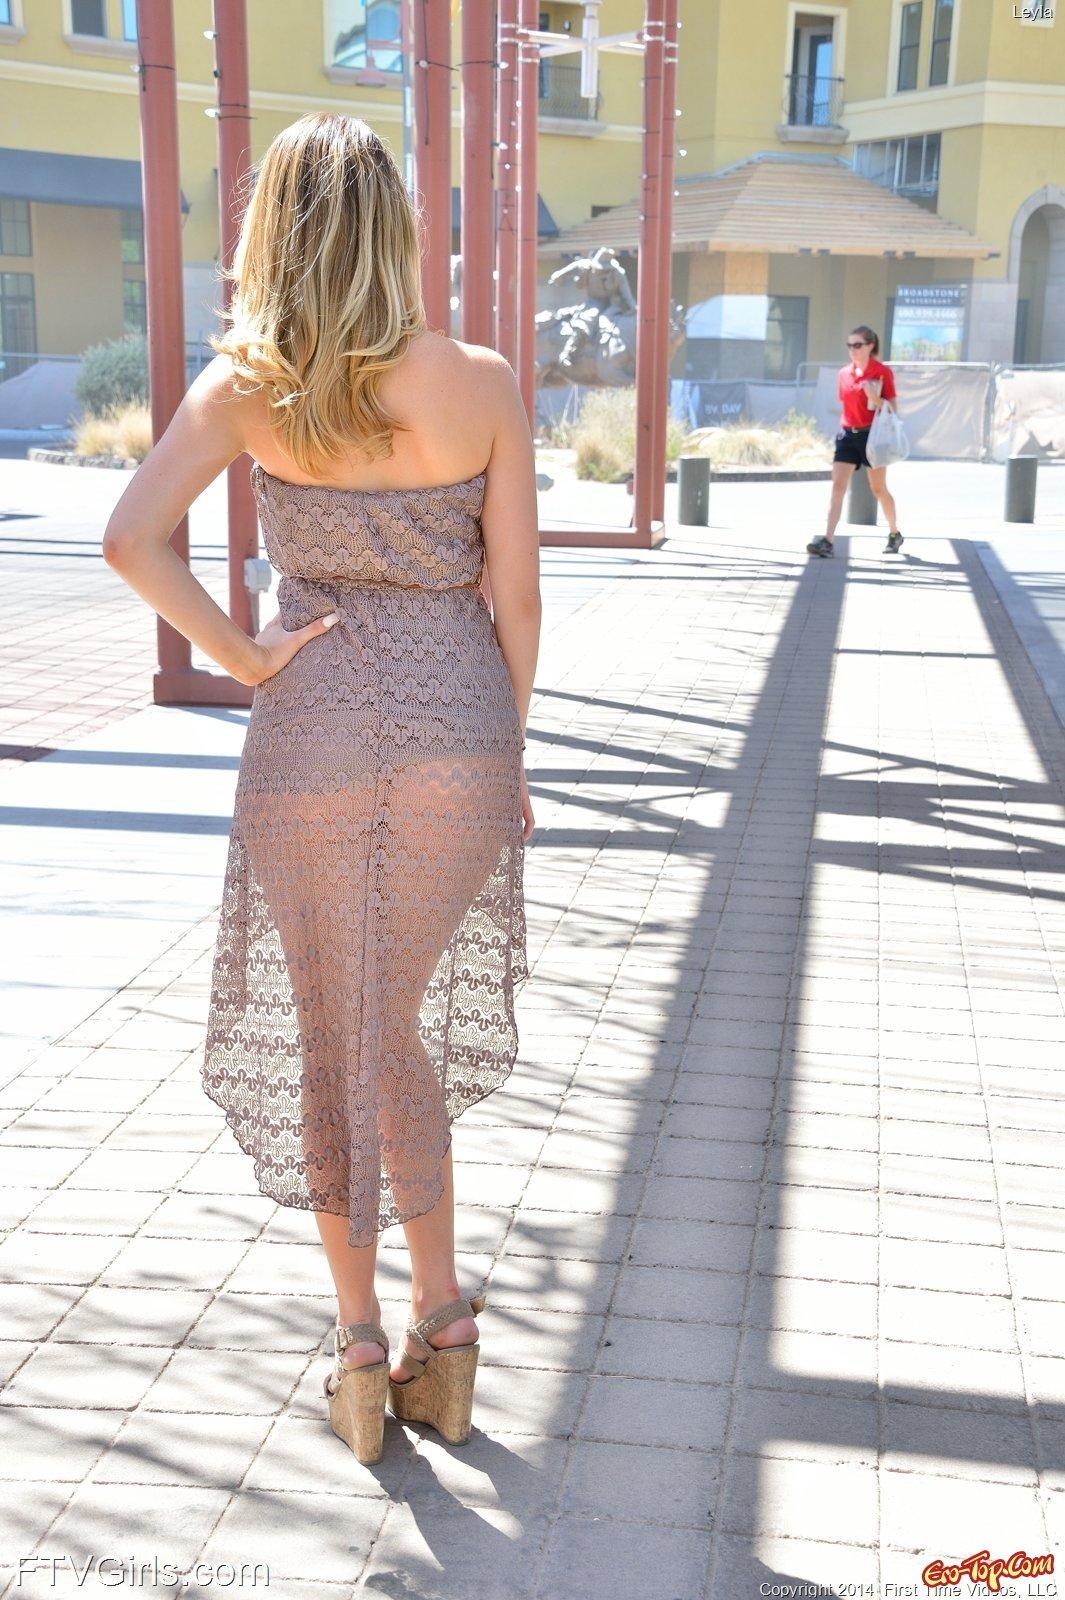 Девушка в платье без трусов гуляет по городу